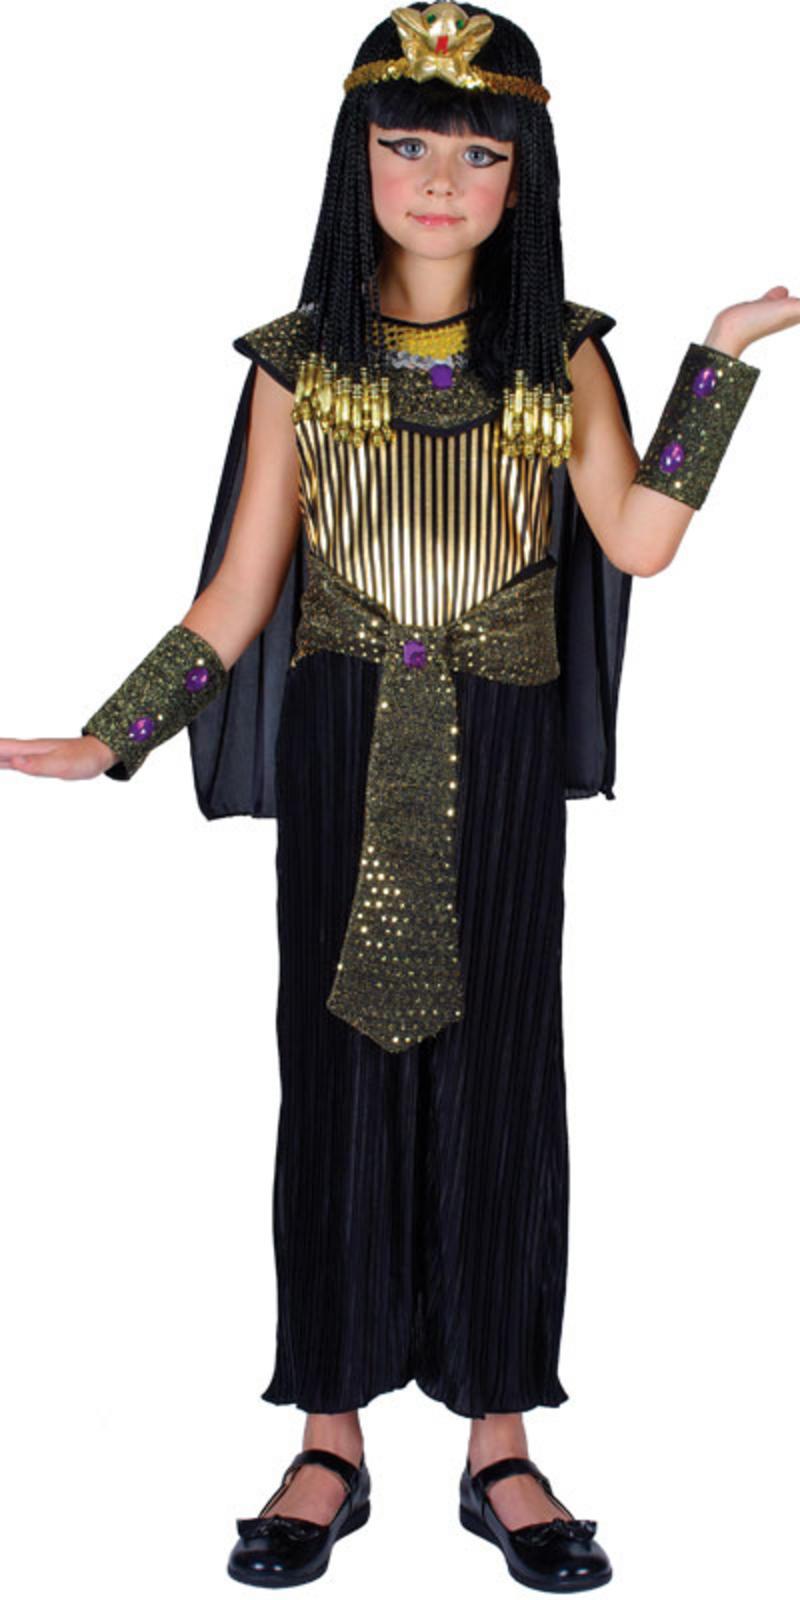 gyptische k nigin kleopatra verkleidung f r m dchen fasching karneval kost m m. Black Bedroom Furniture Sets. Home Design Ideas